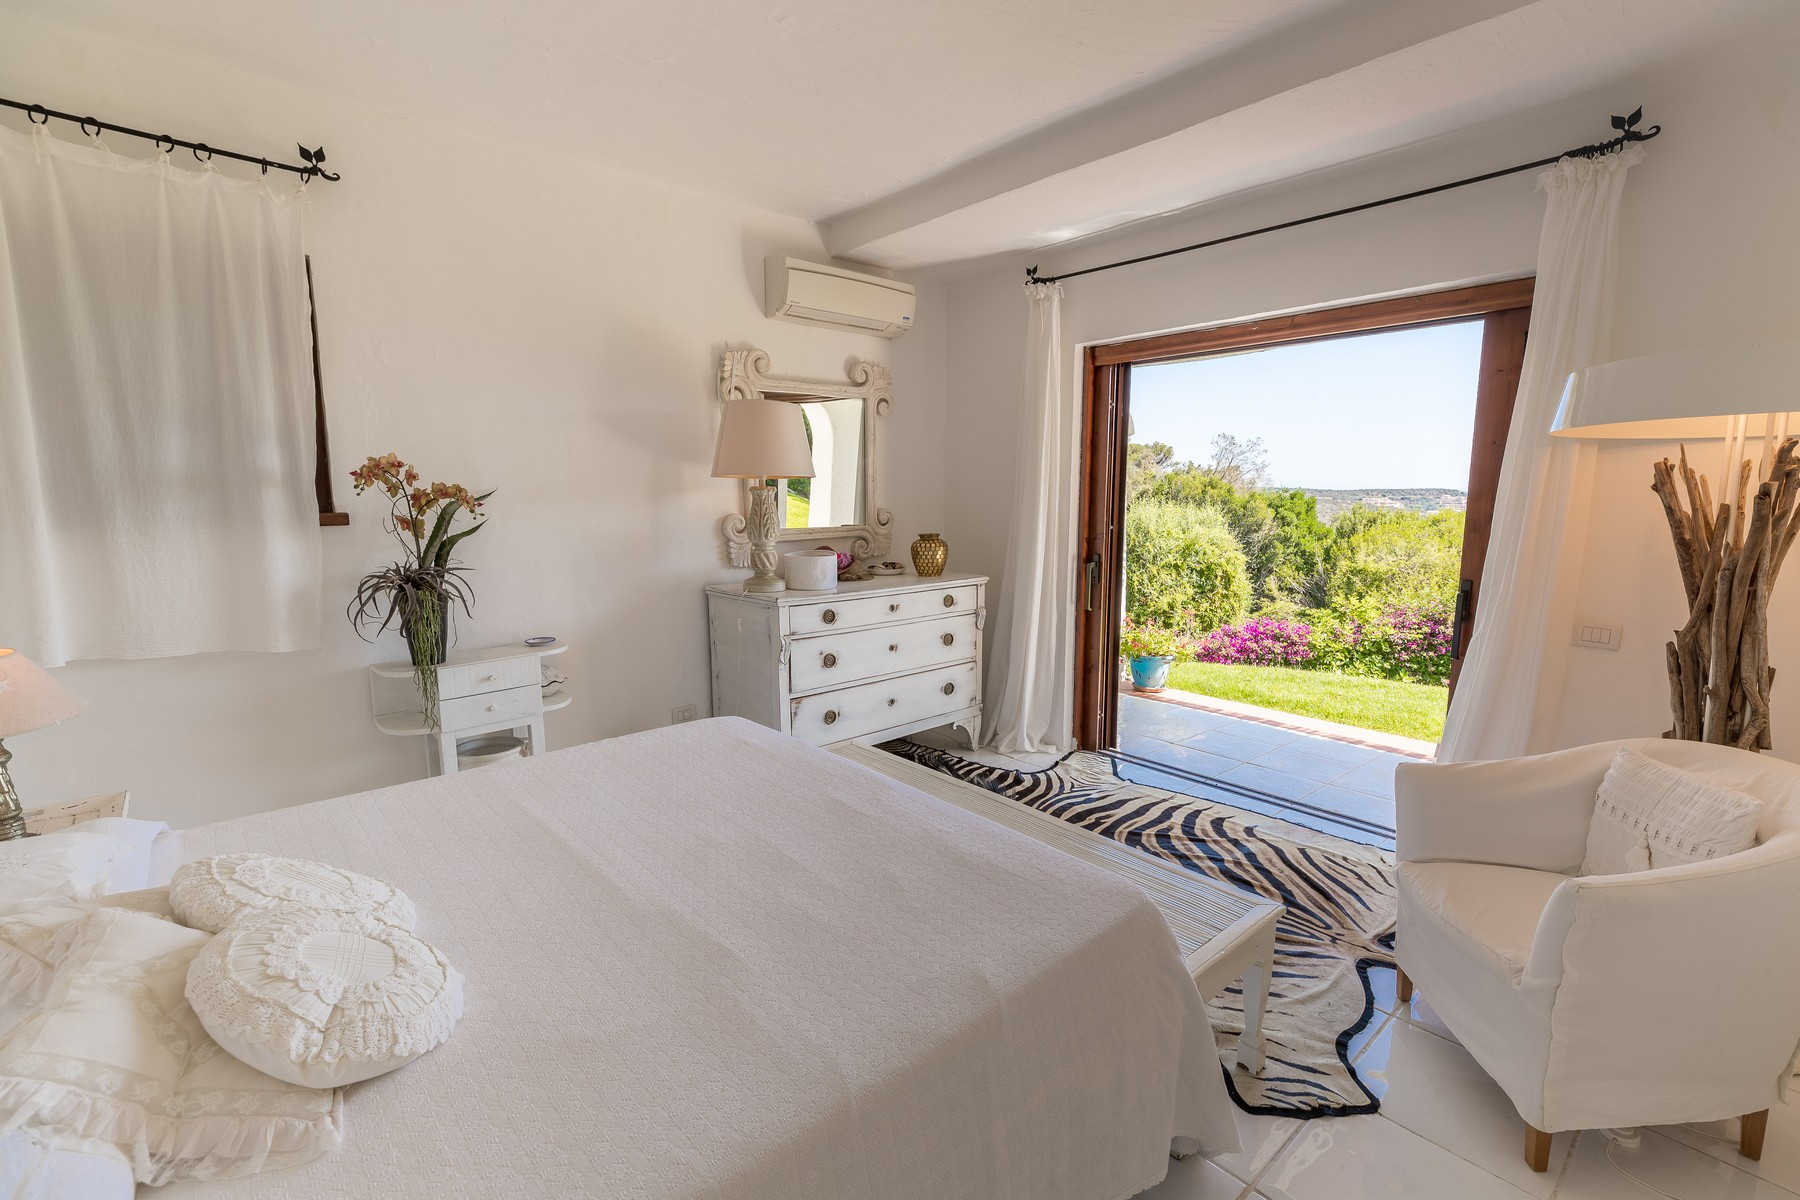 Villa in Vendita a Arzachena: 5 locali, 220 mq - Foto 15